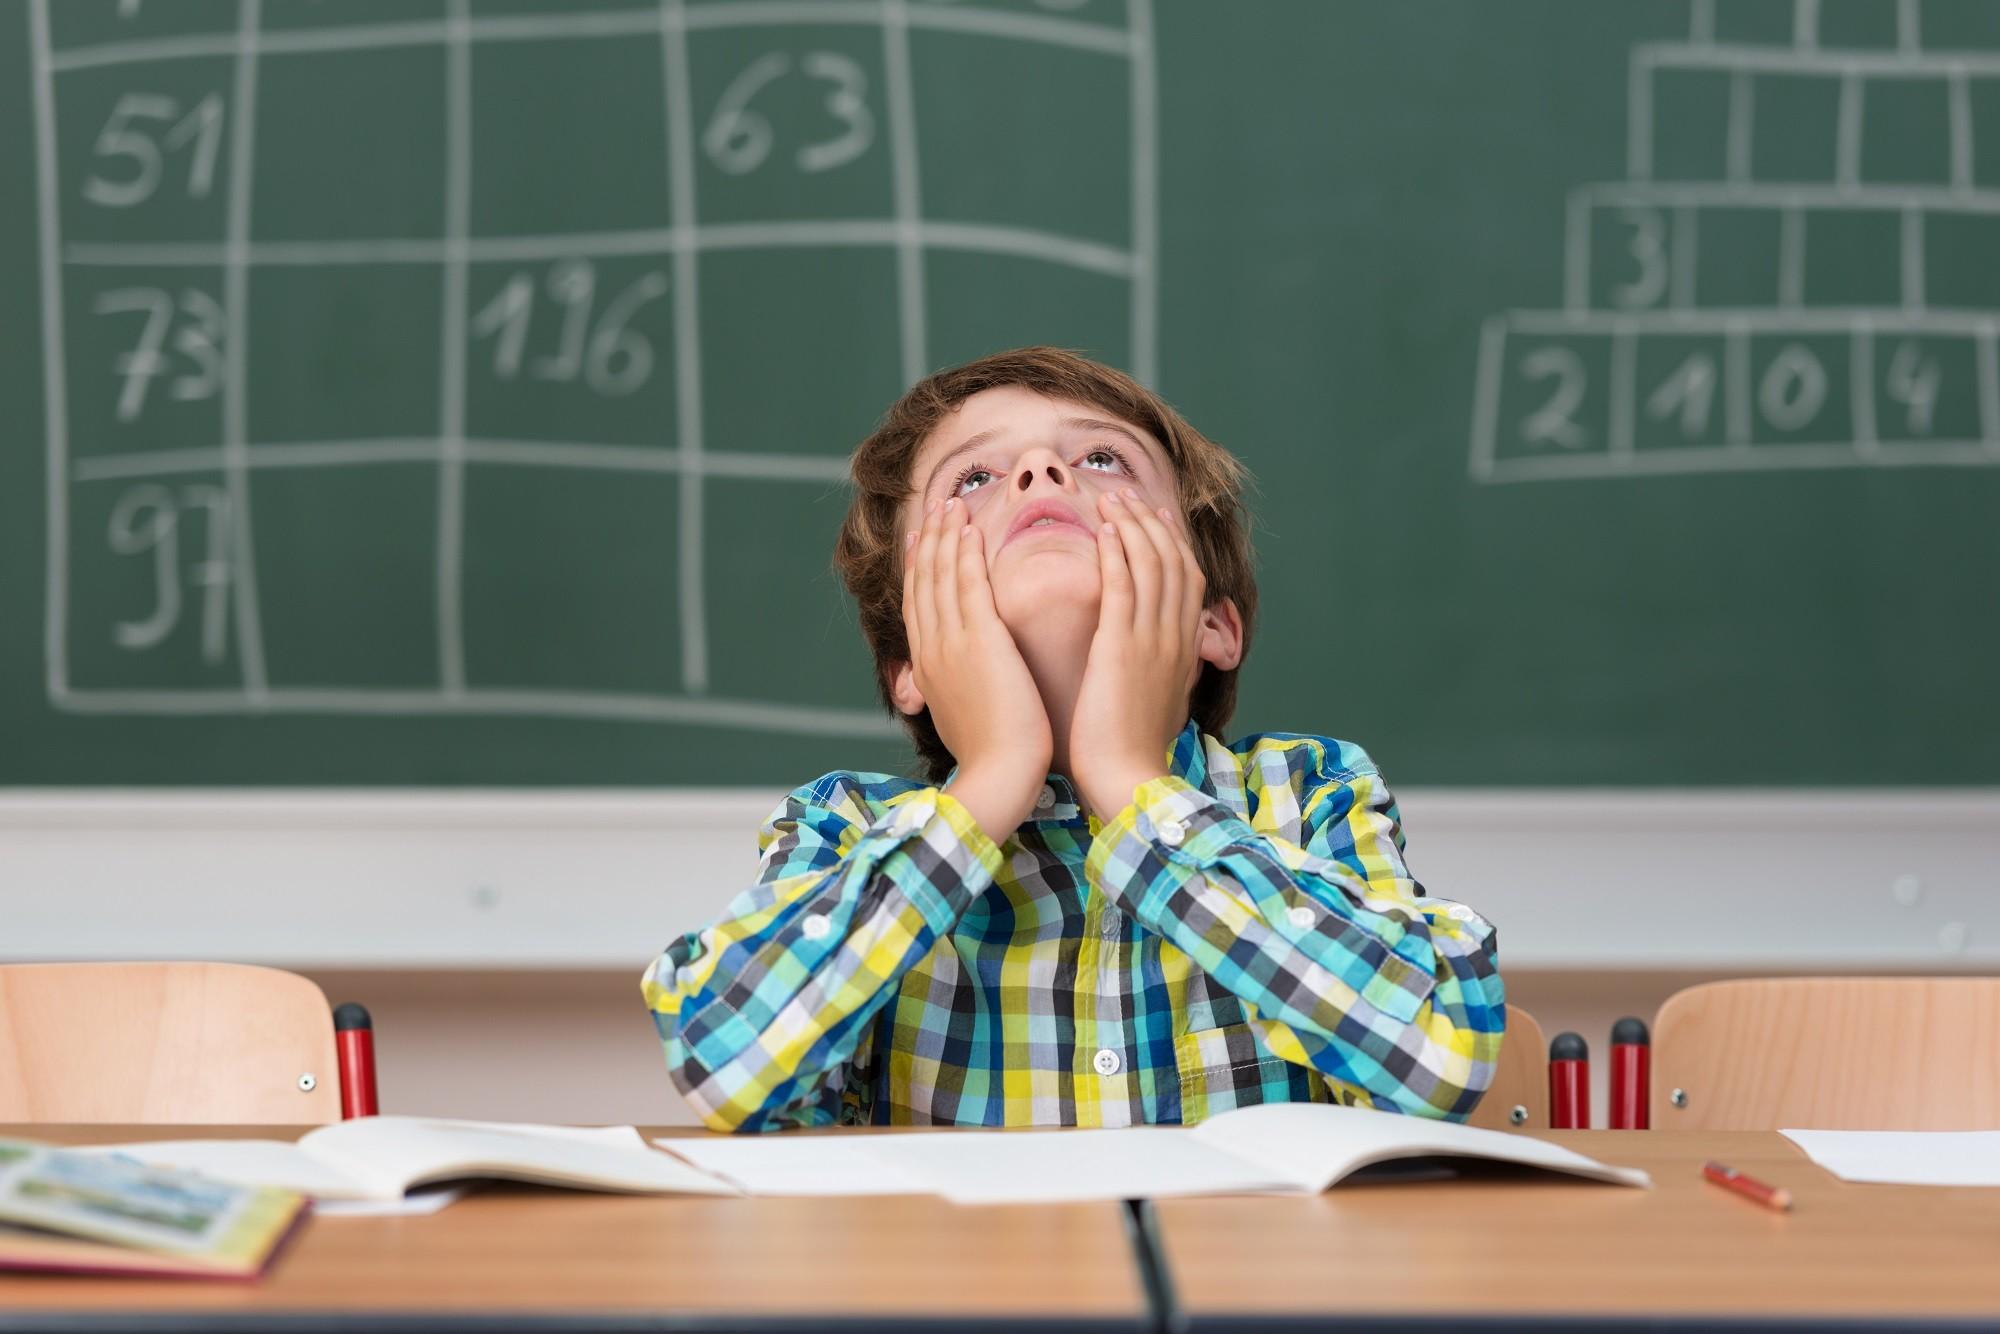 5 испытаний для пятиклассника: советы психолога по адаптации